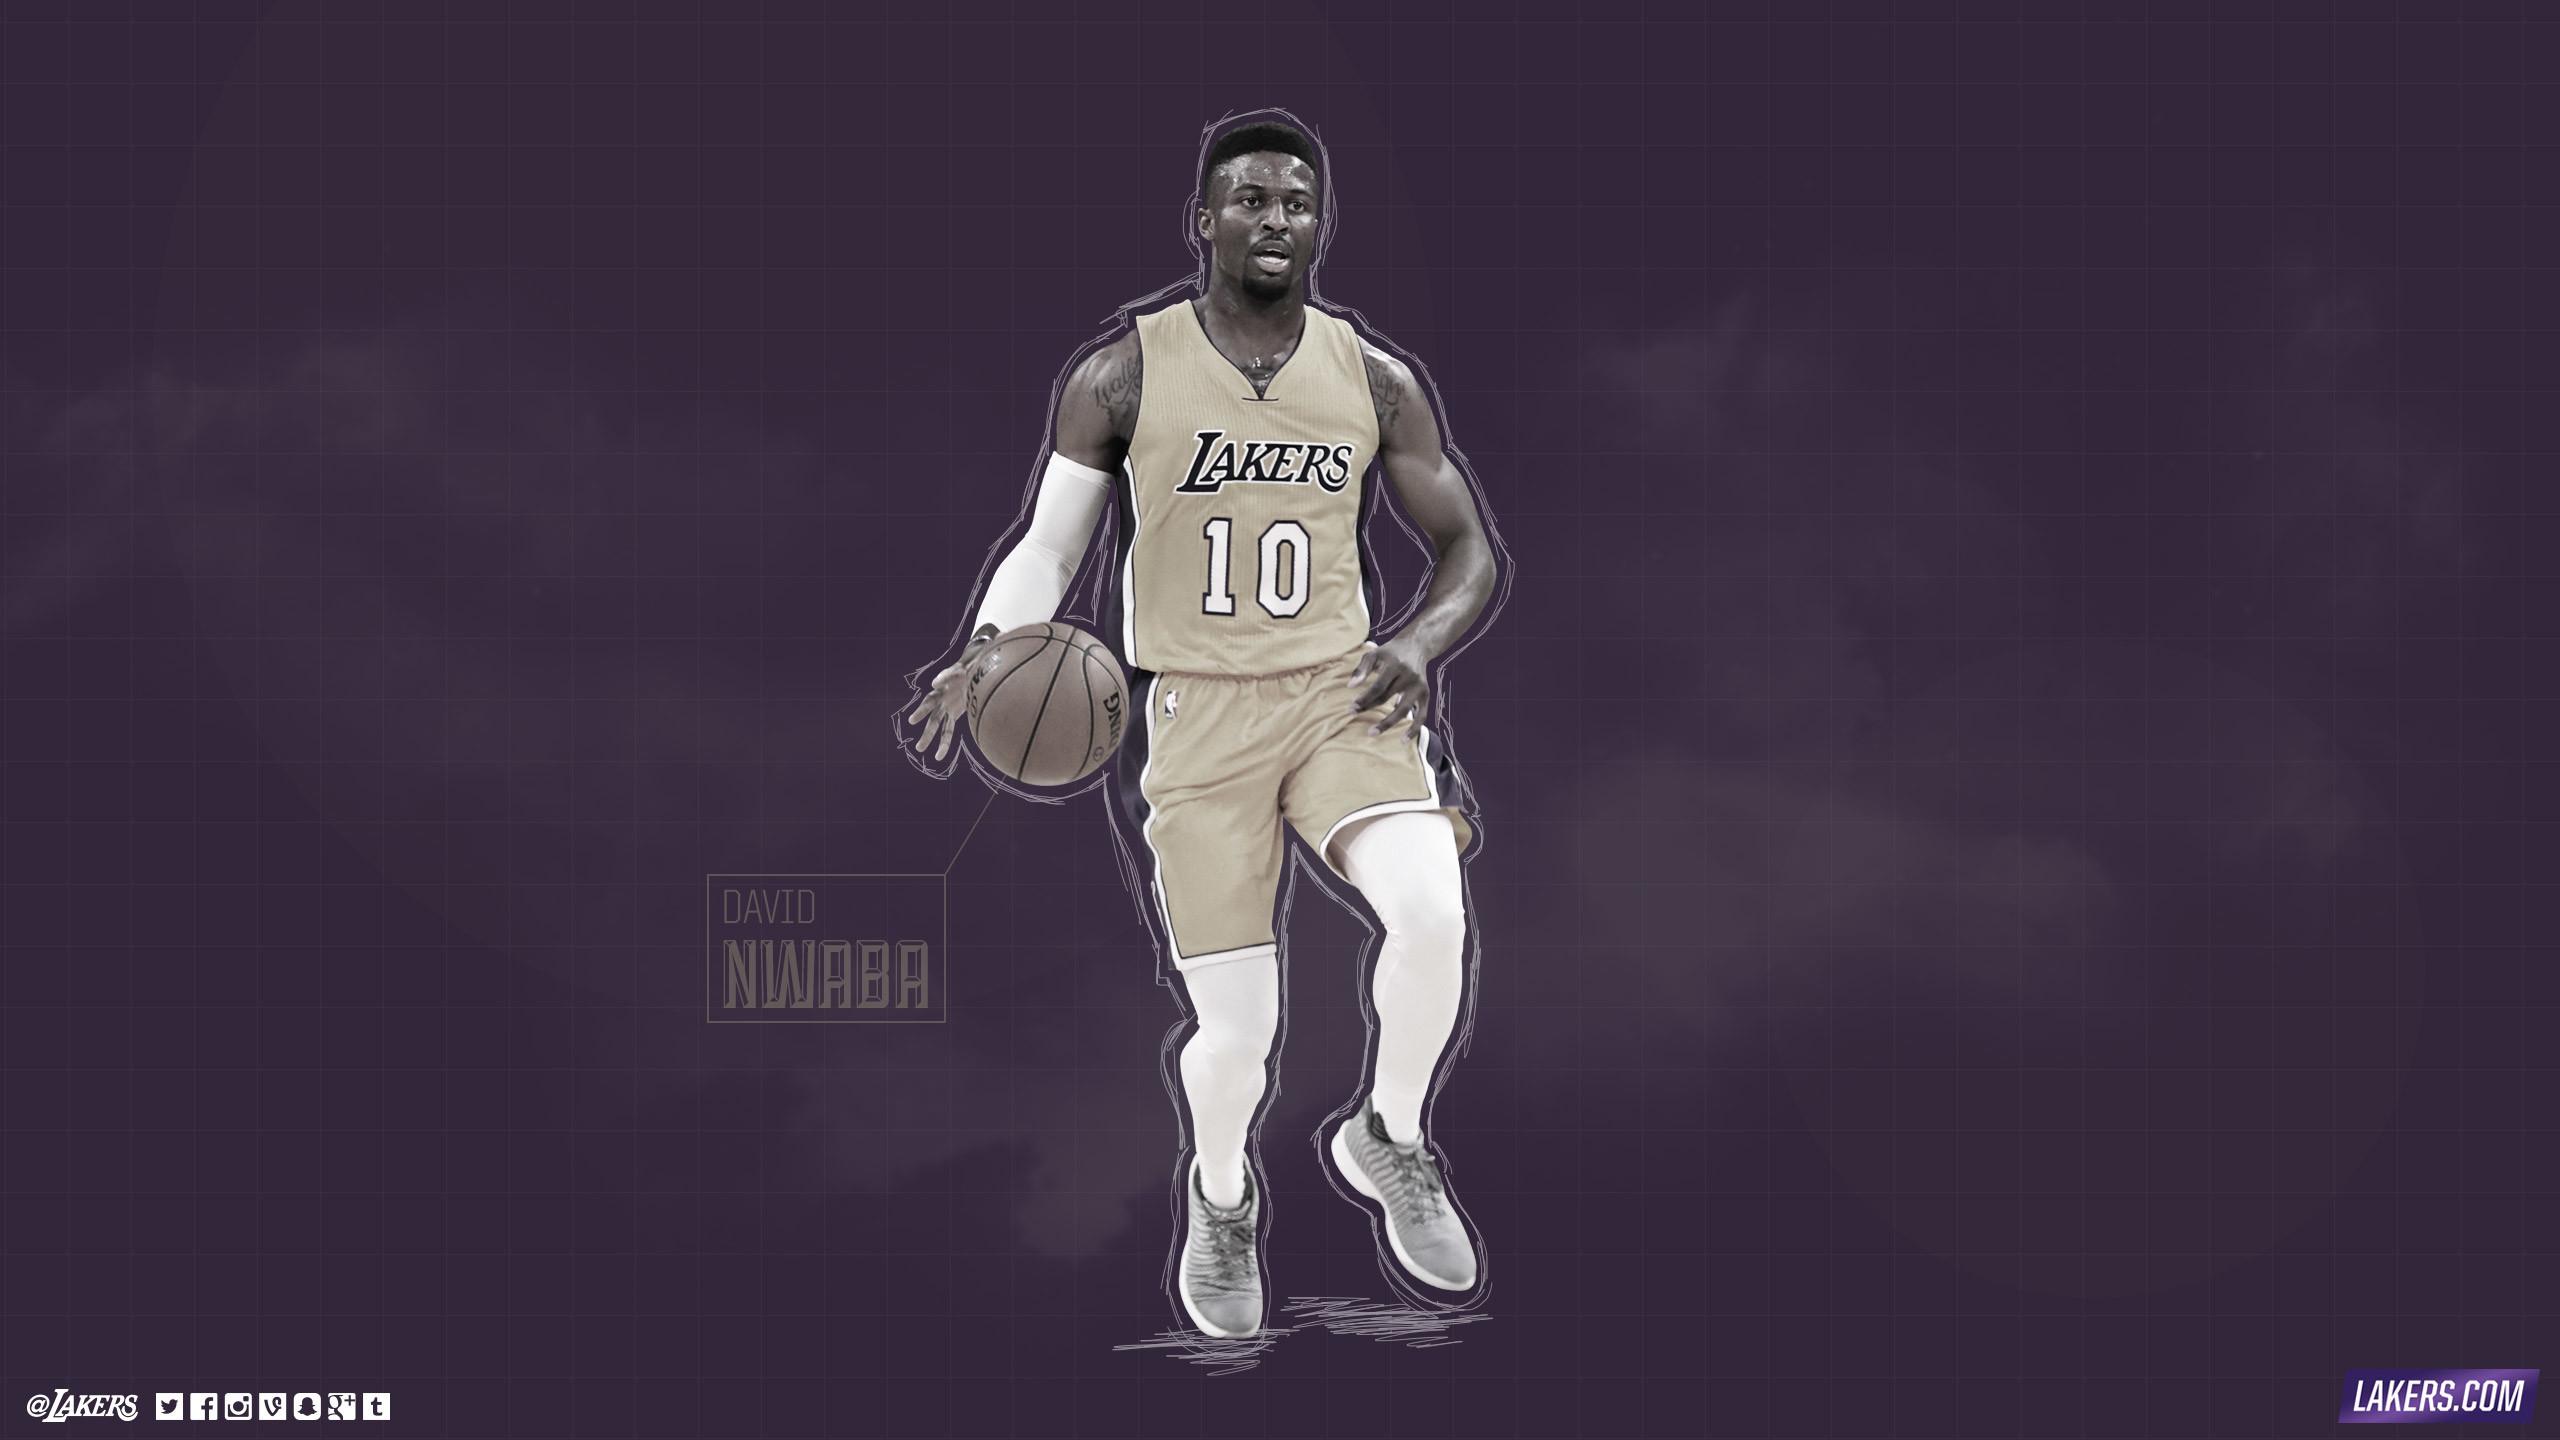 David Nwaba Player Wallpaper. David Nwaba